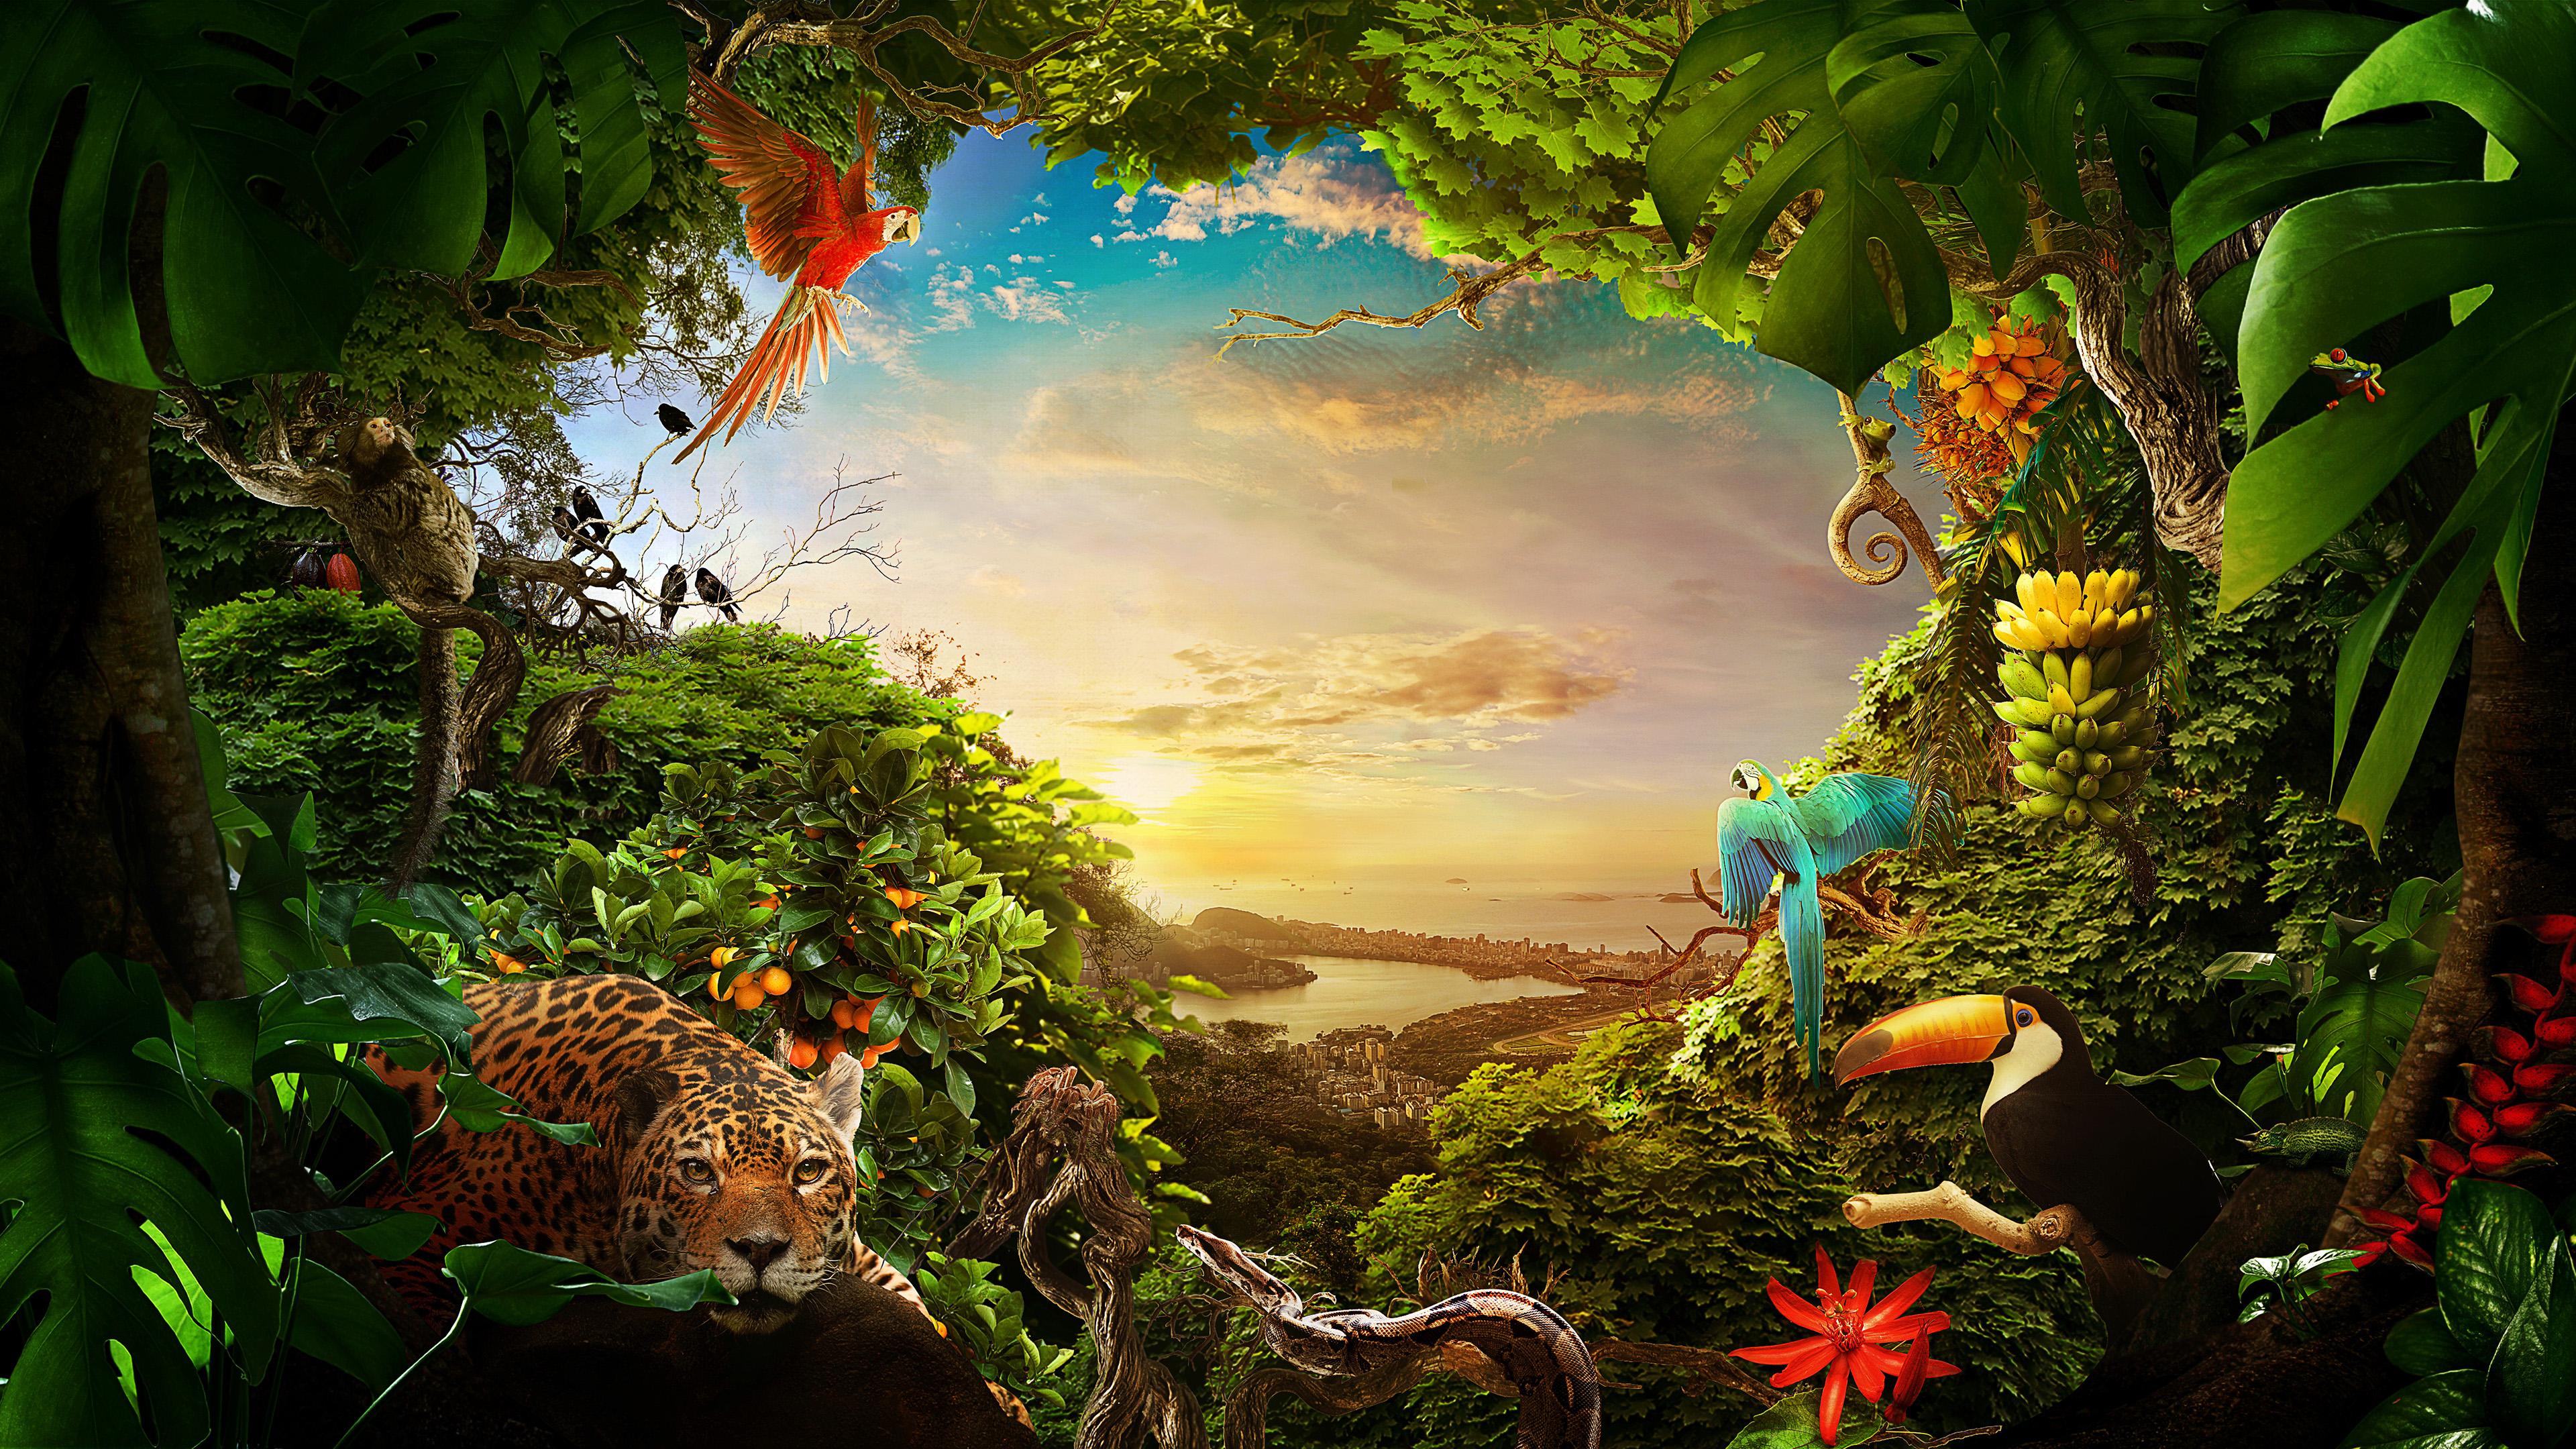 Волшебный сказочный лес с яркой зеленью,пятнистой рысью,необыкновенно красивыми птицами,голубого неба